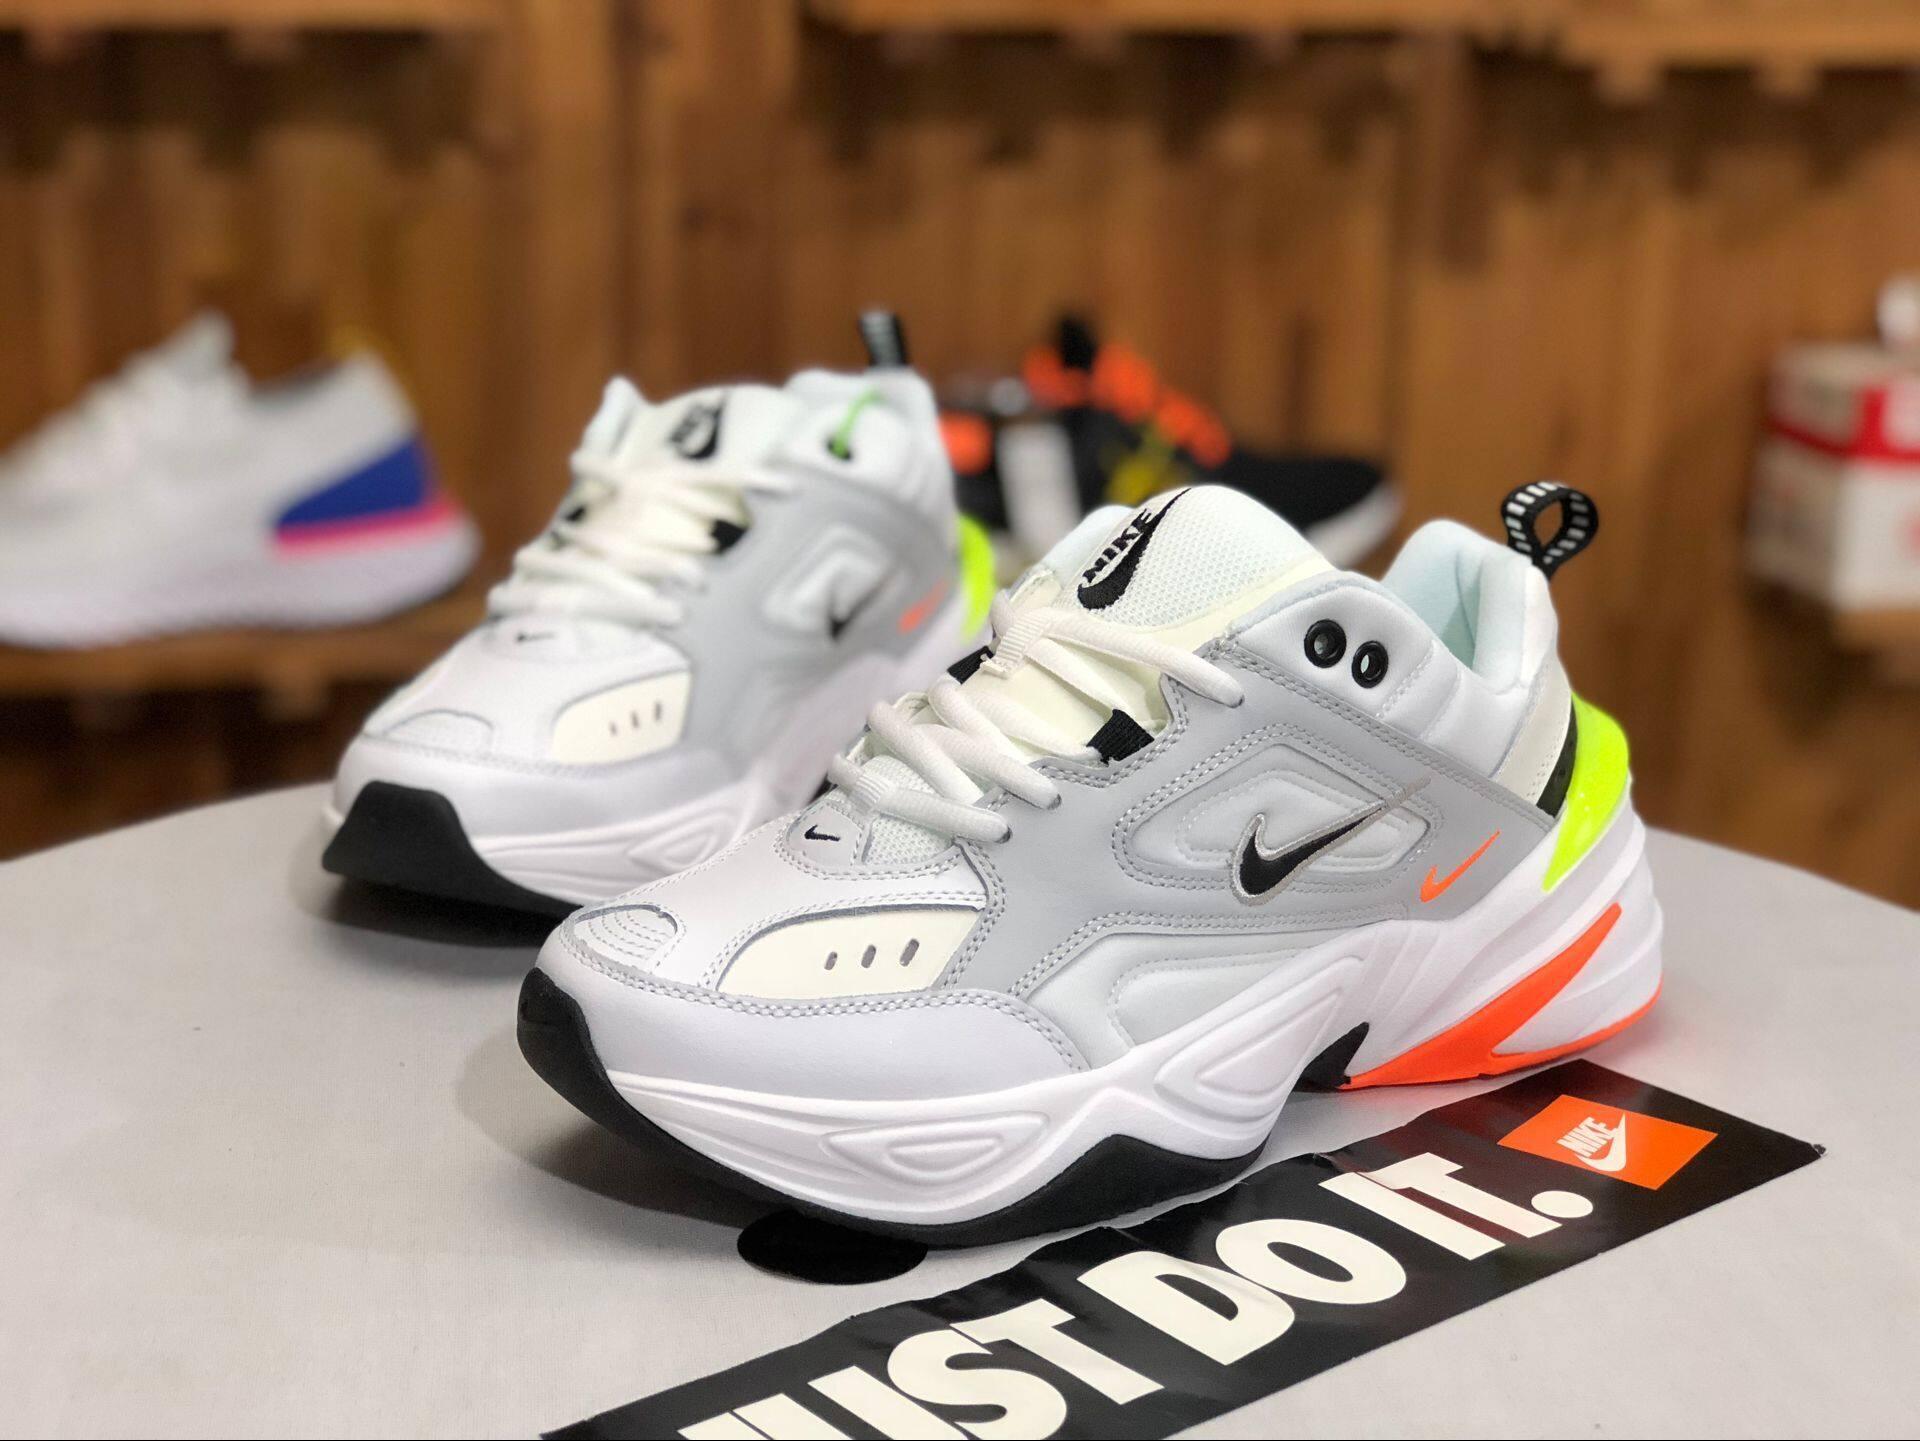 รีวิว 【แบรนด์ใหม่และเป็นของแท้】Nike M2K TEKNO รองเท้าผู้ชาย รองเท้าสตรี รองเท้ากีฬา แฟชั่น รองเท้าลำลอง หนังแท้ รองเท้าวิ่ง AV4789-004 ร้านค้าอย่างเป็นทางก